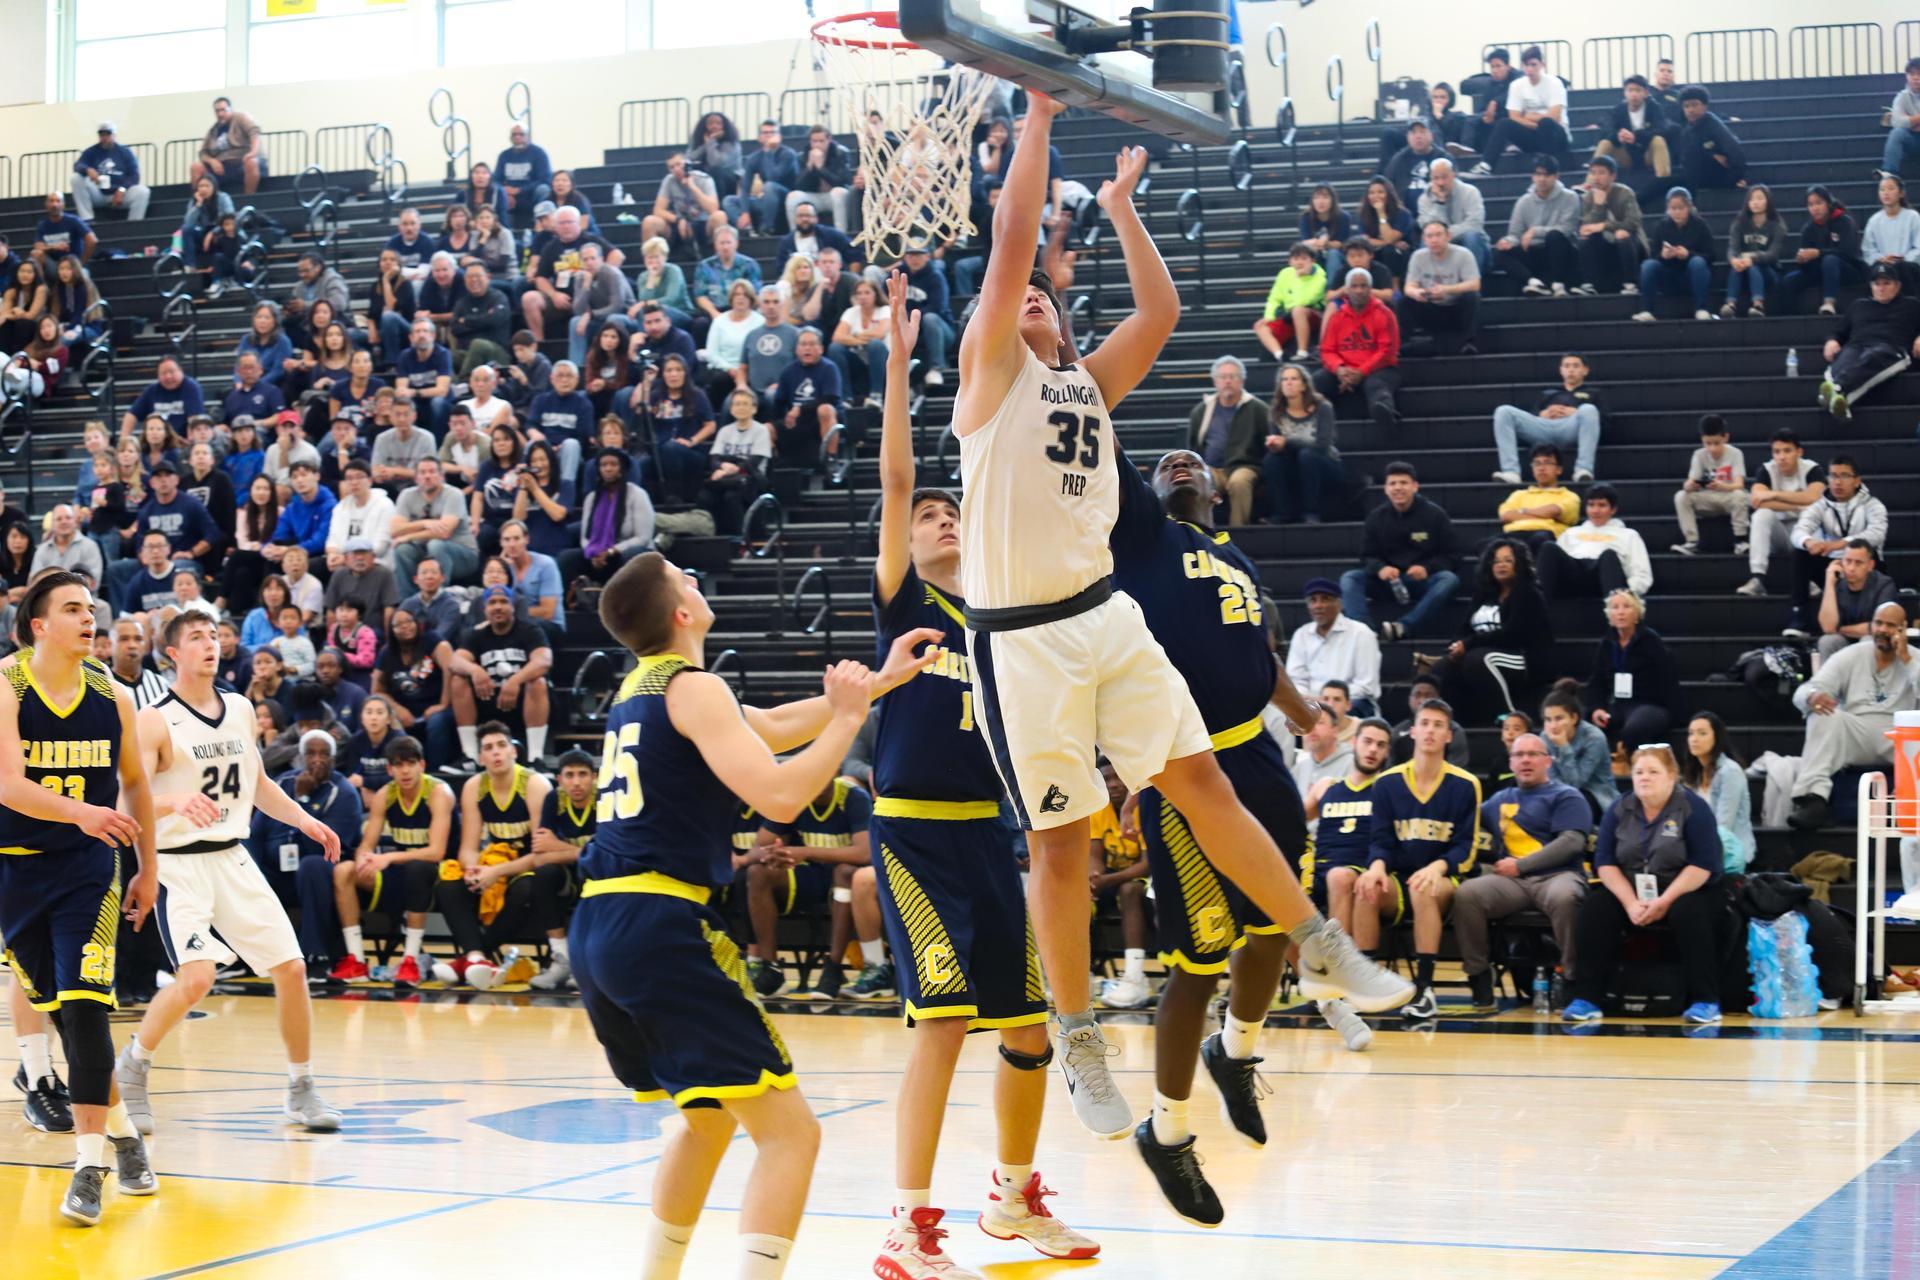 大学男生的篮球